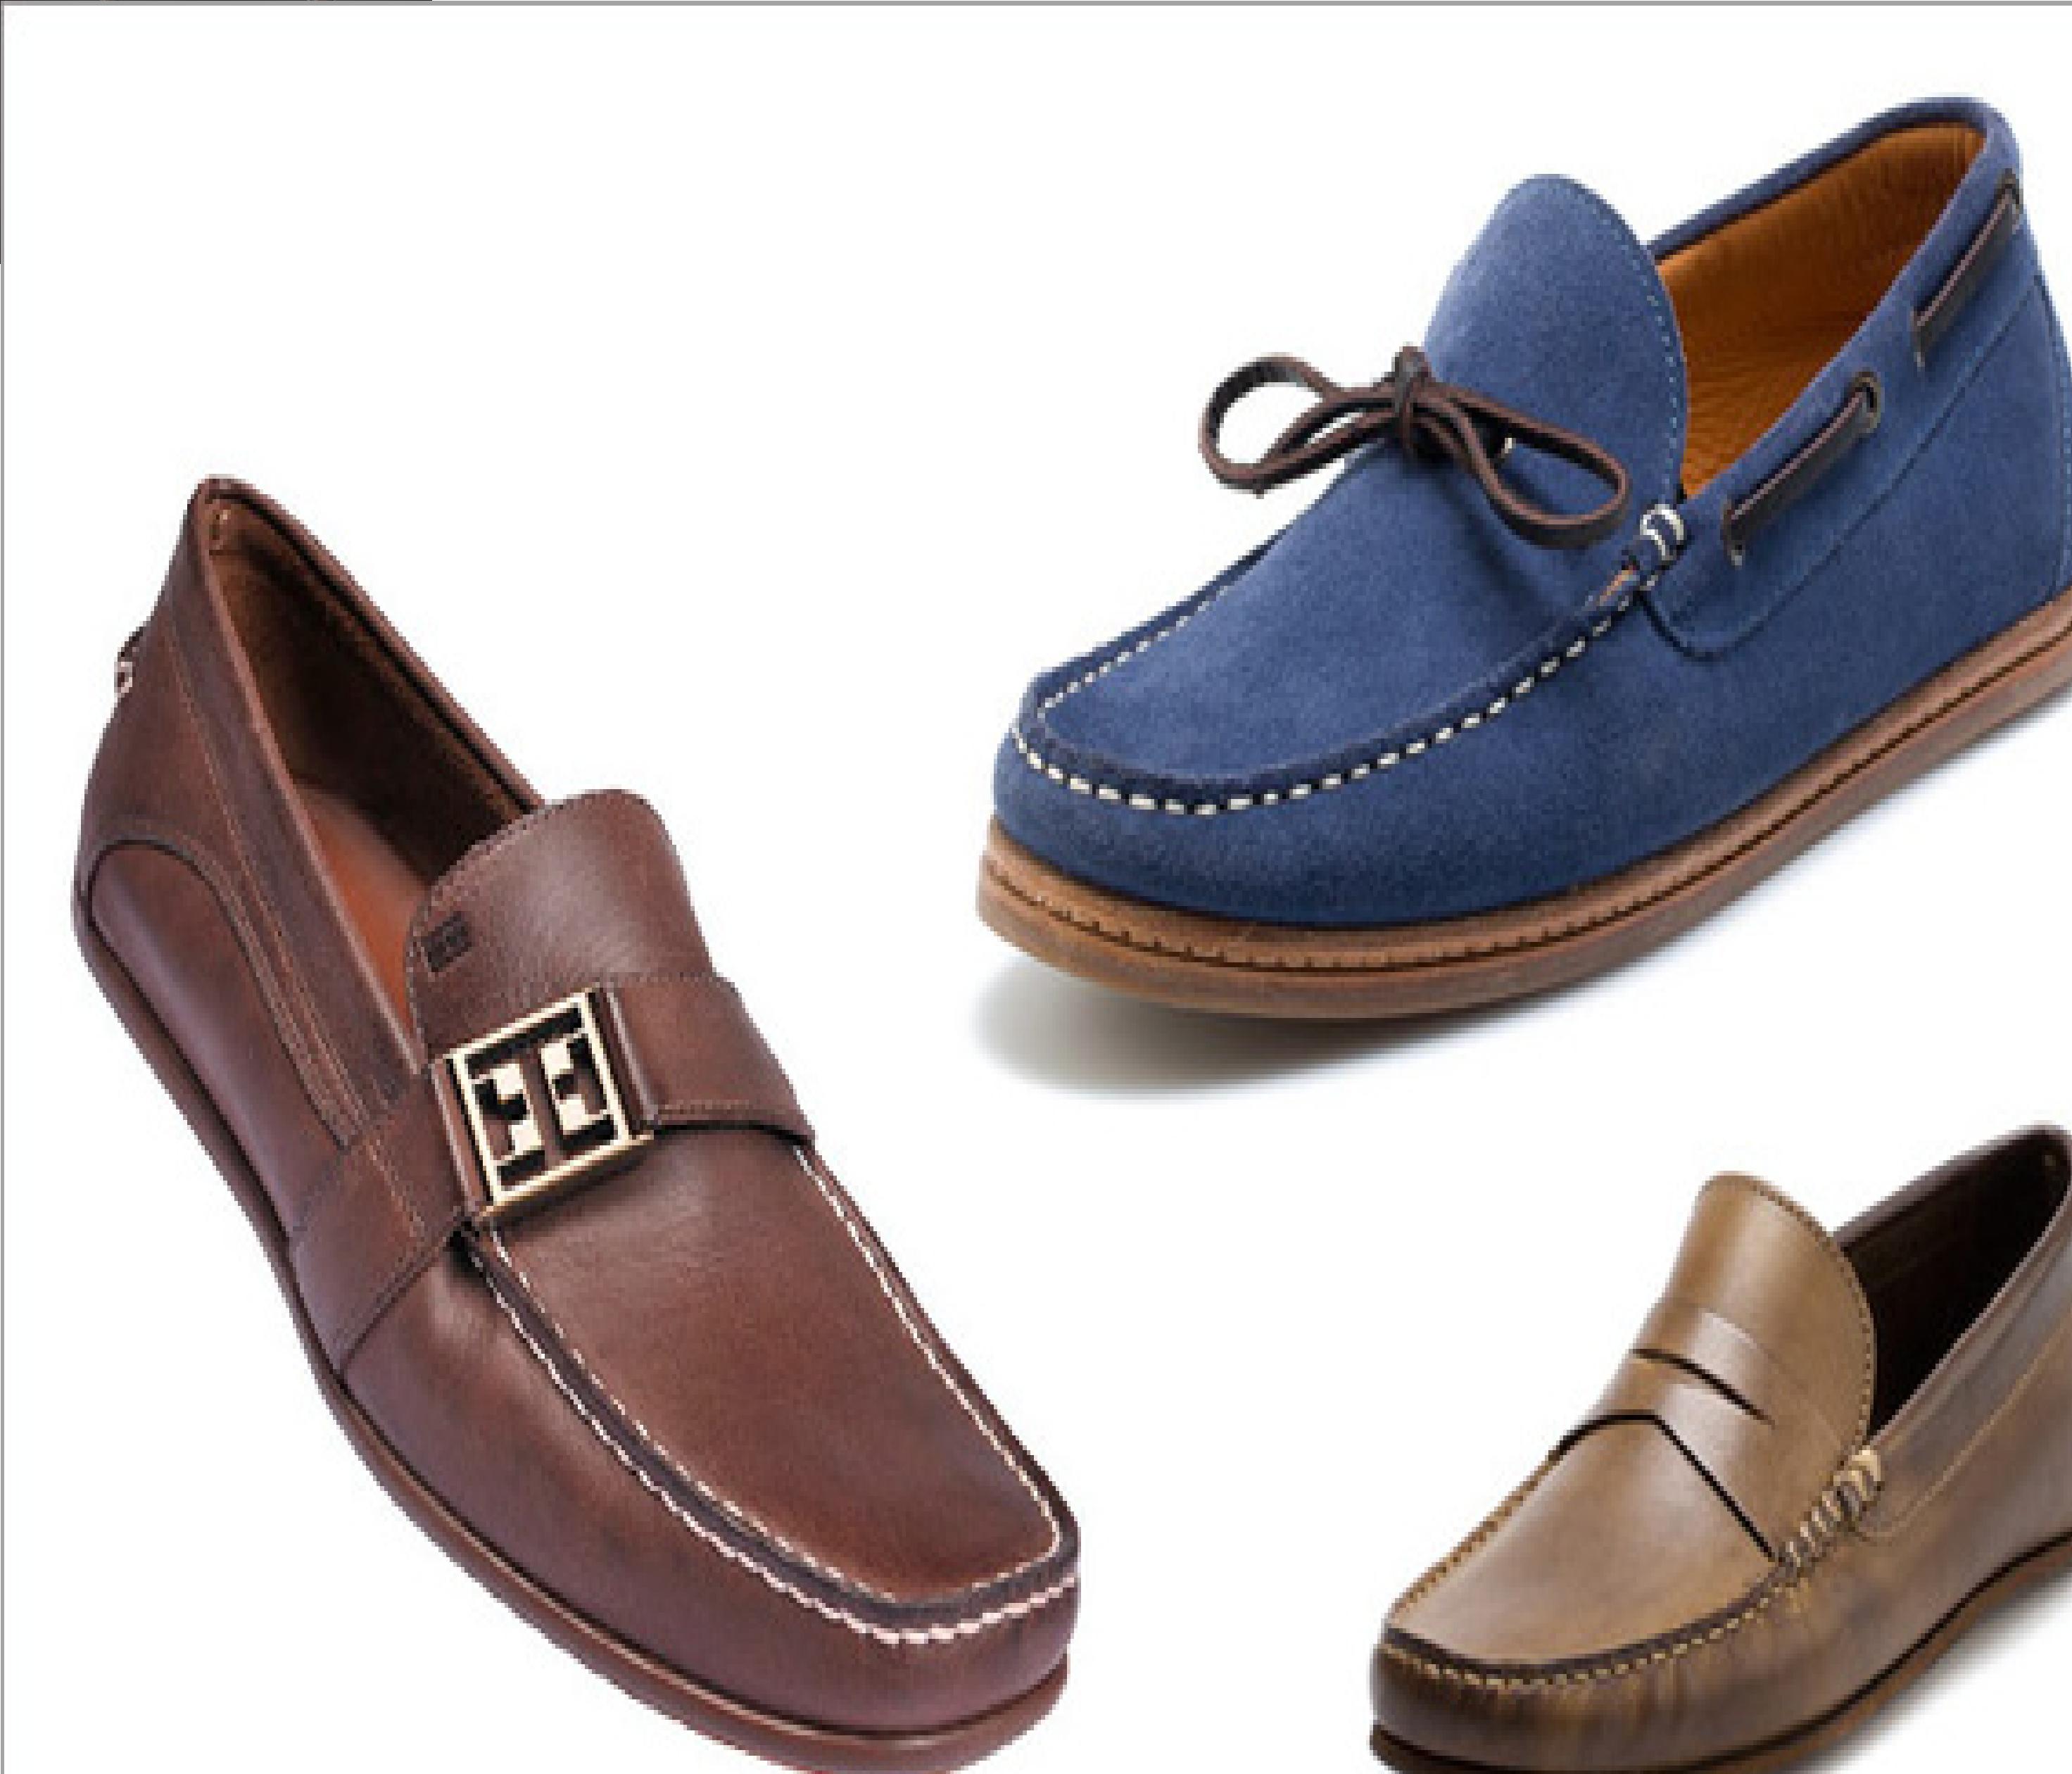 f1cbea53bbe49 Los mejores tipos de zapatos para hombres...En lo que respecta